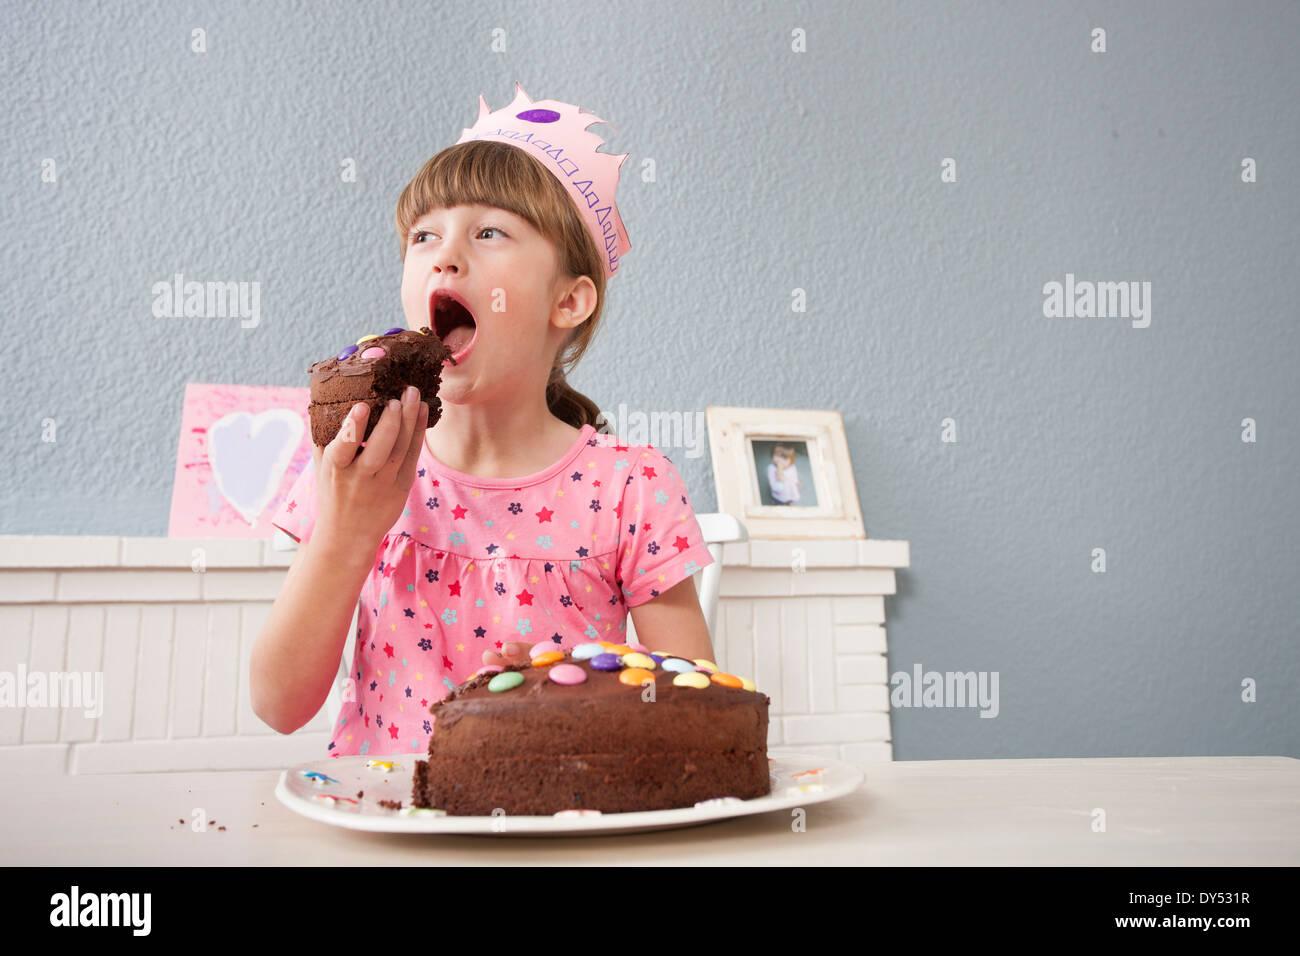 Muchacha comiendo su pastel de cumpleaños Imagen De Stock